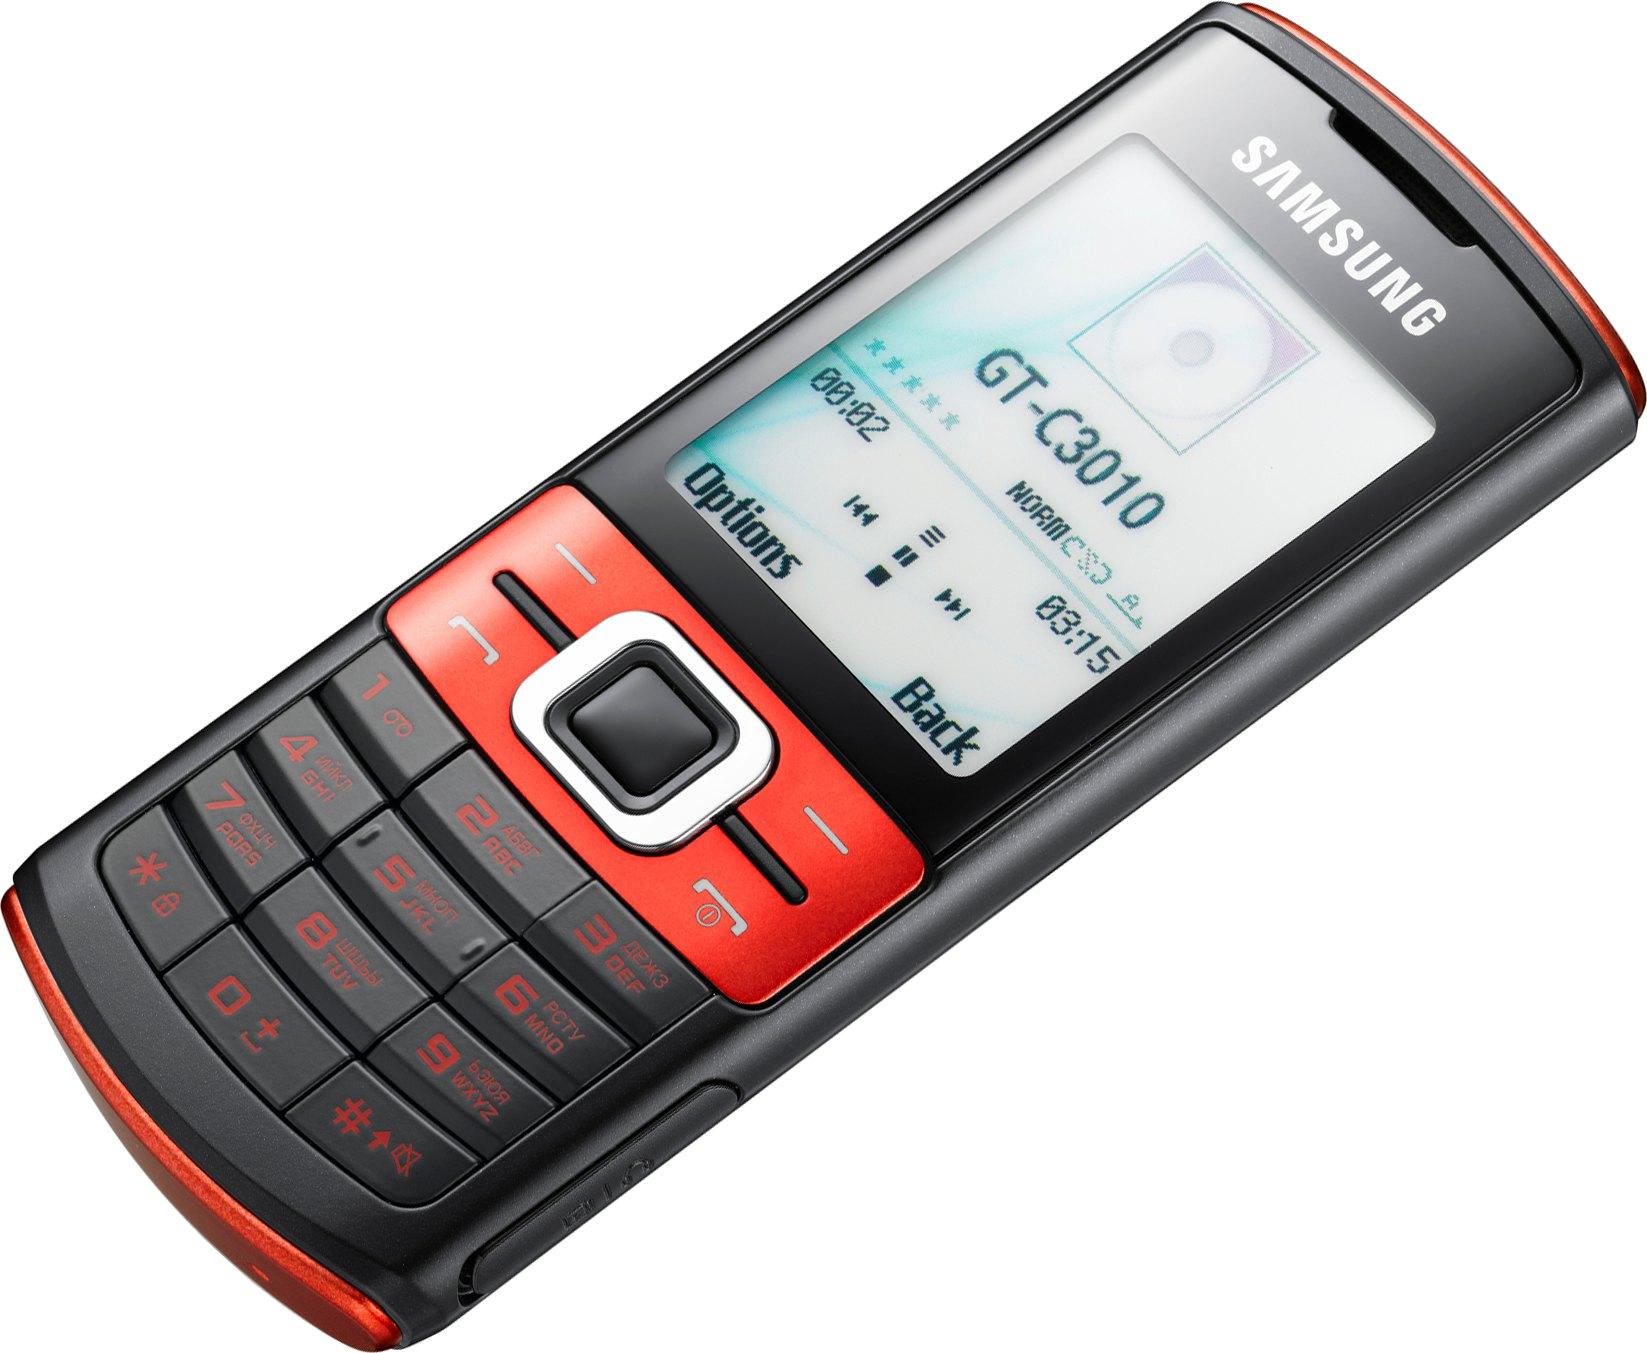 315cb6e89f420 Продам   Купить б/у Samsung GT-C3010 в Вологде • Цена:500 руб.